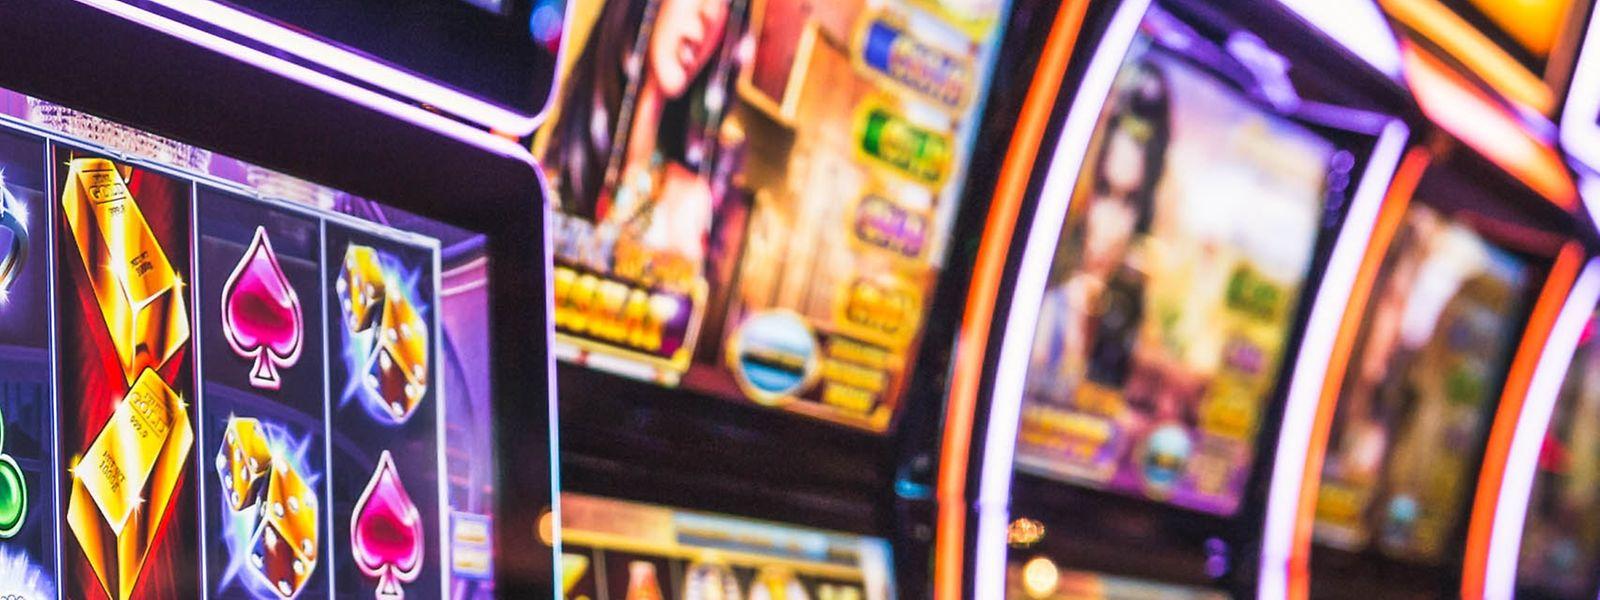 35 ans après son ouverture, le Casino n'est plus seulement un endroit de jeu mais aussi de restauration et de divertissement